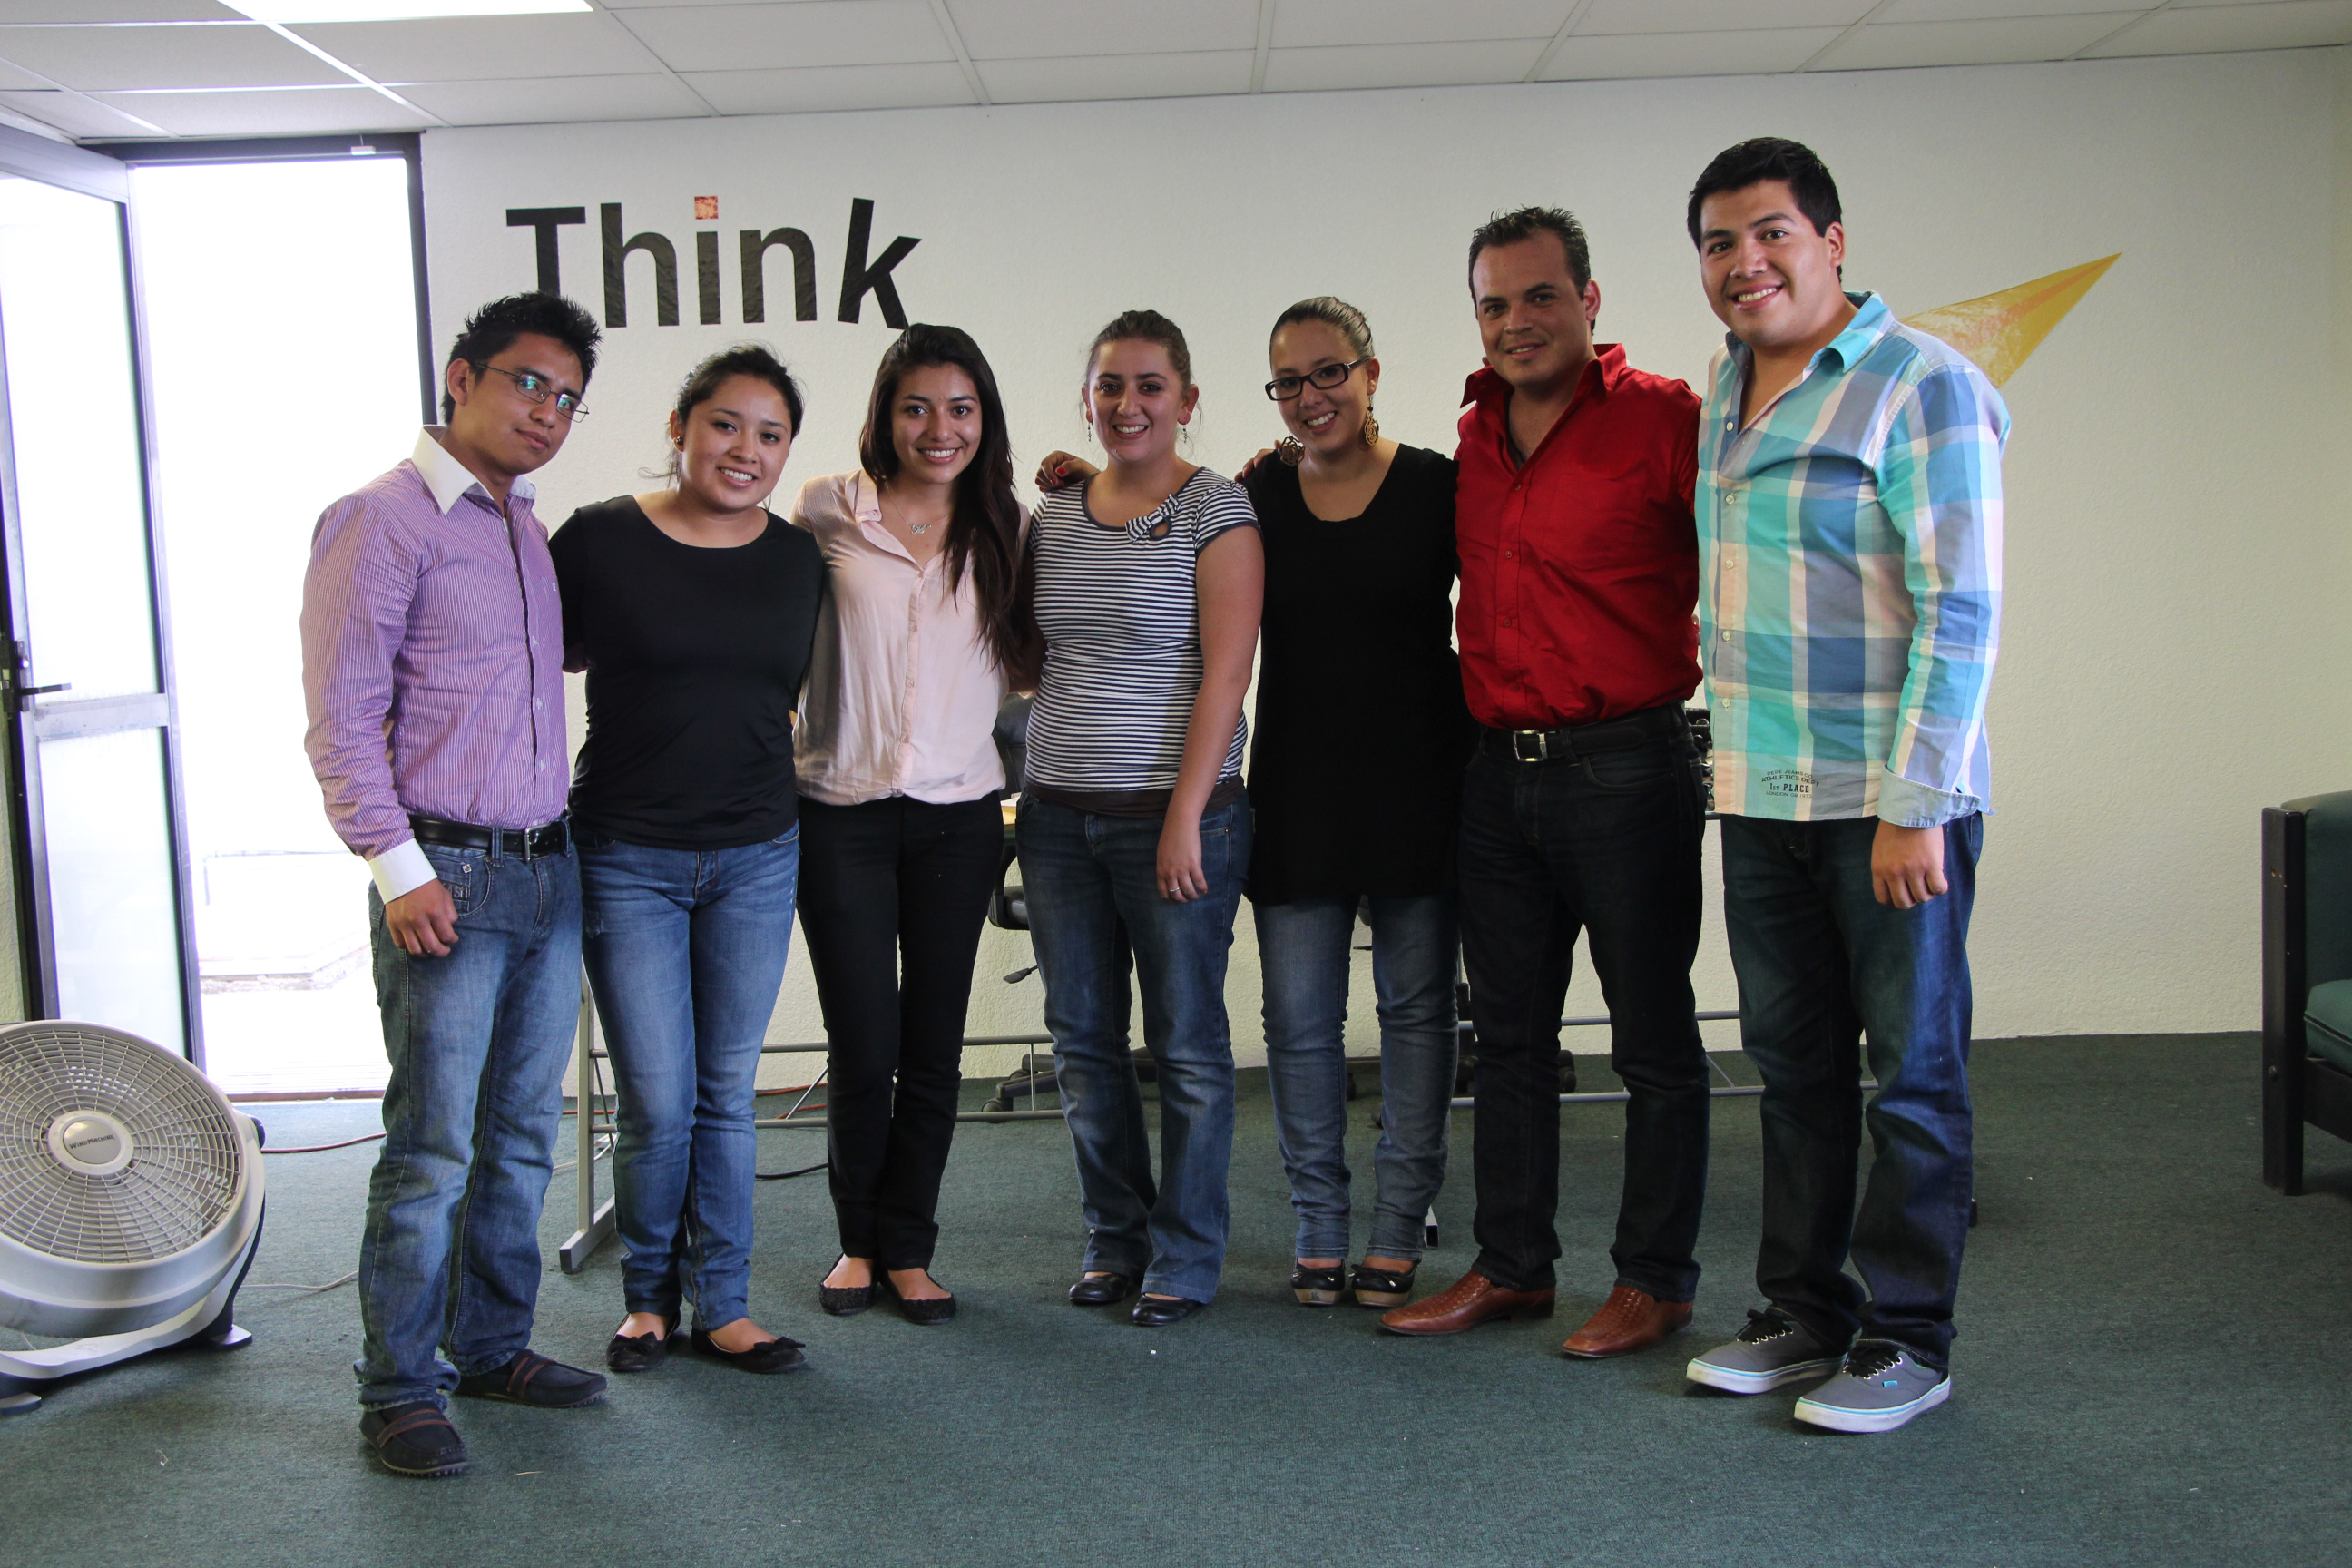 #DreamThink Think Marketing y Public